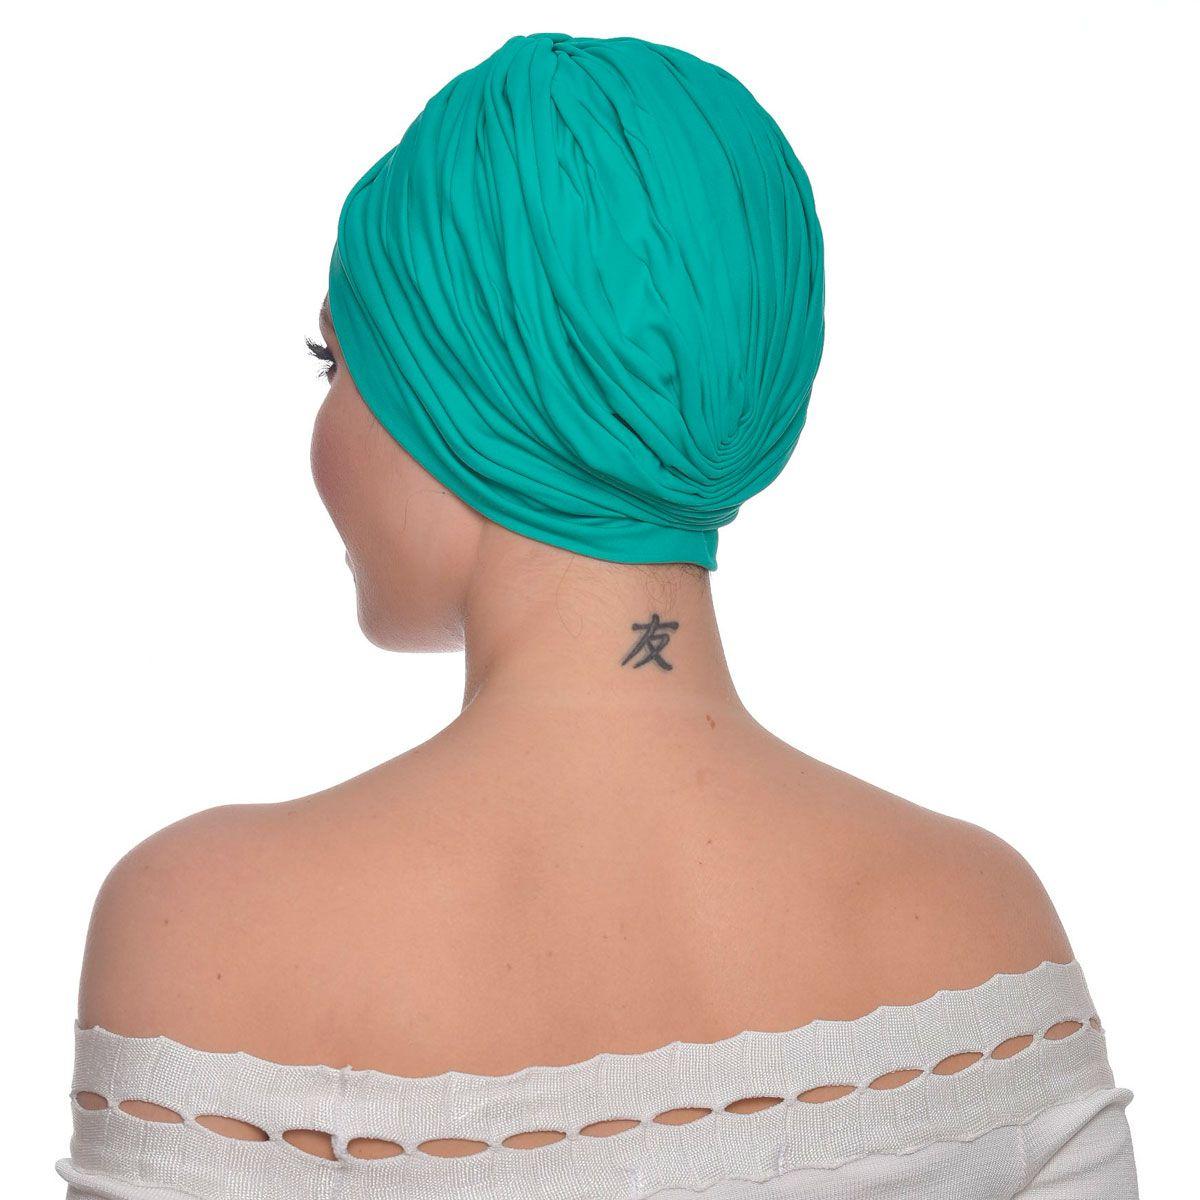 Turbante Feminino Drapeado Verde Esmeralda